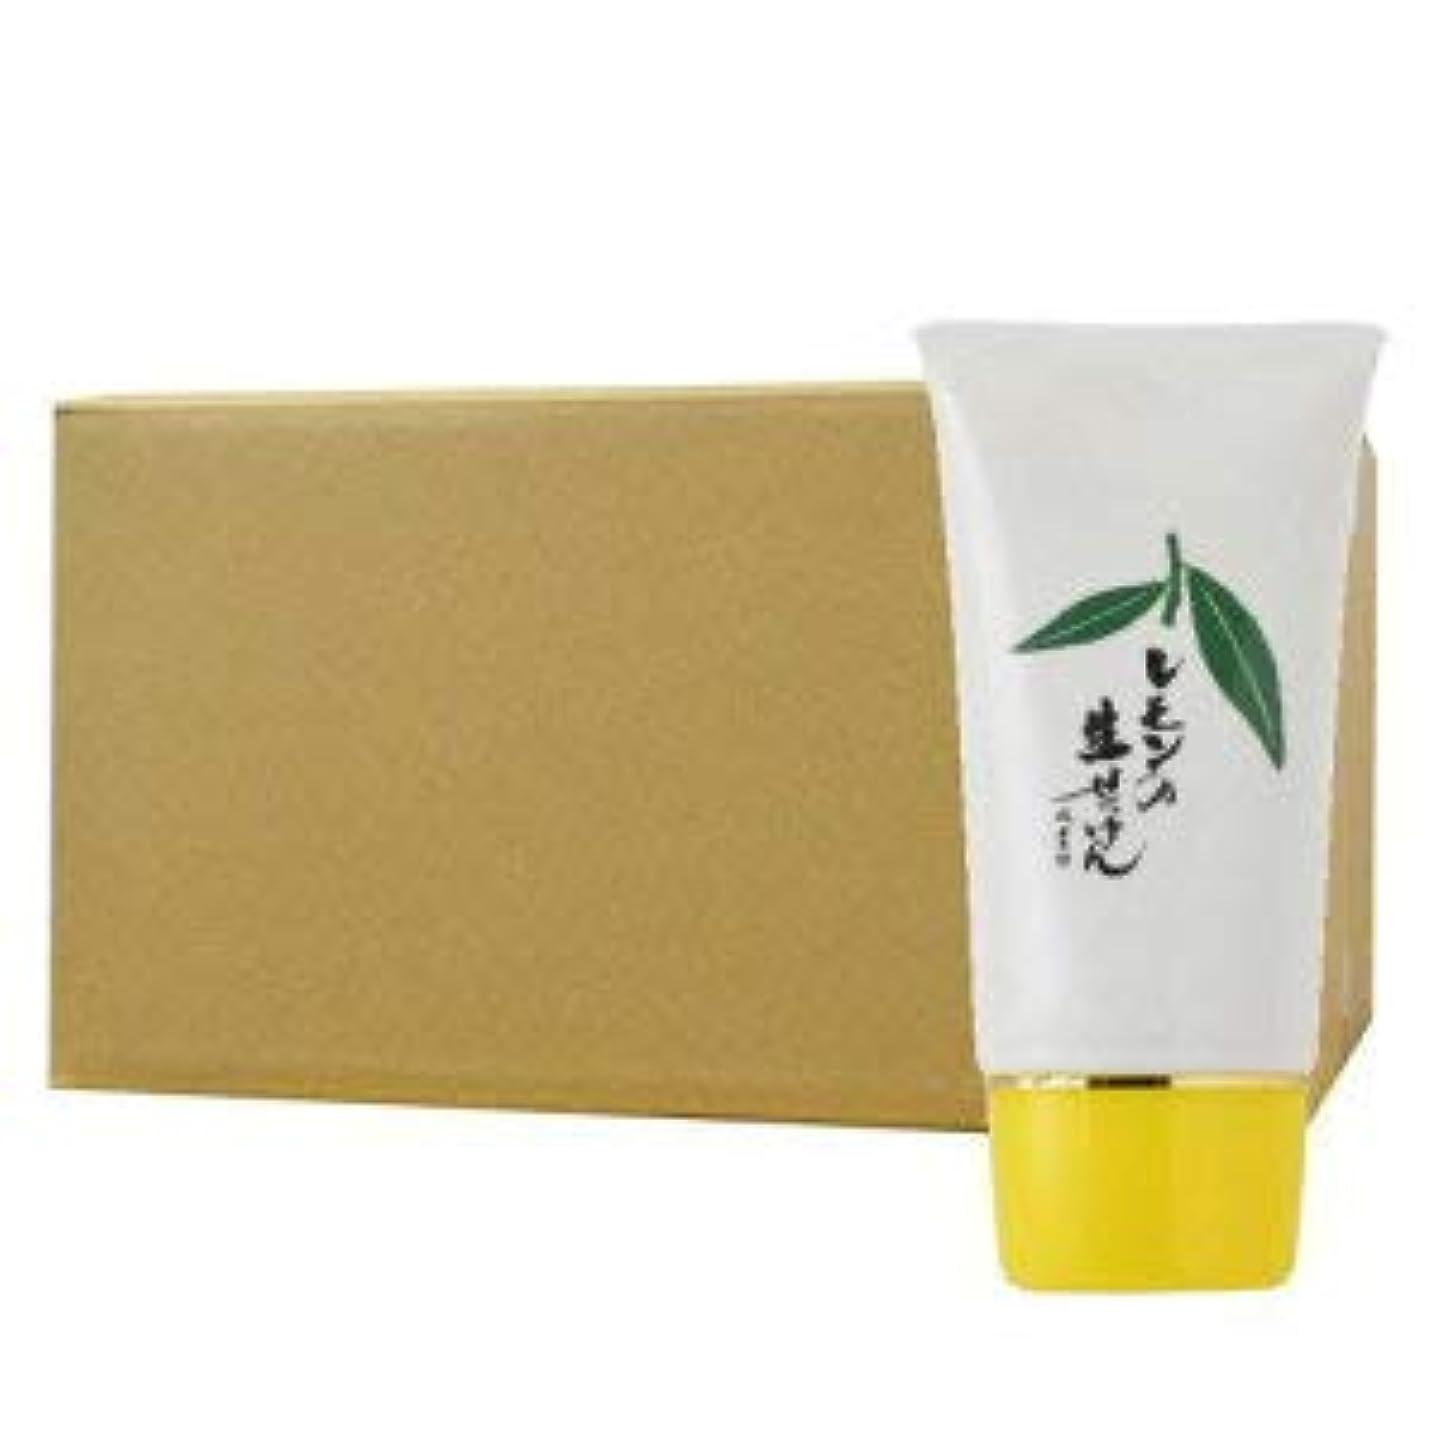 普及予測する魅力的UYEKI美香柑レモンの生せっけん70g×60個セット